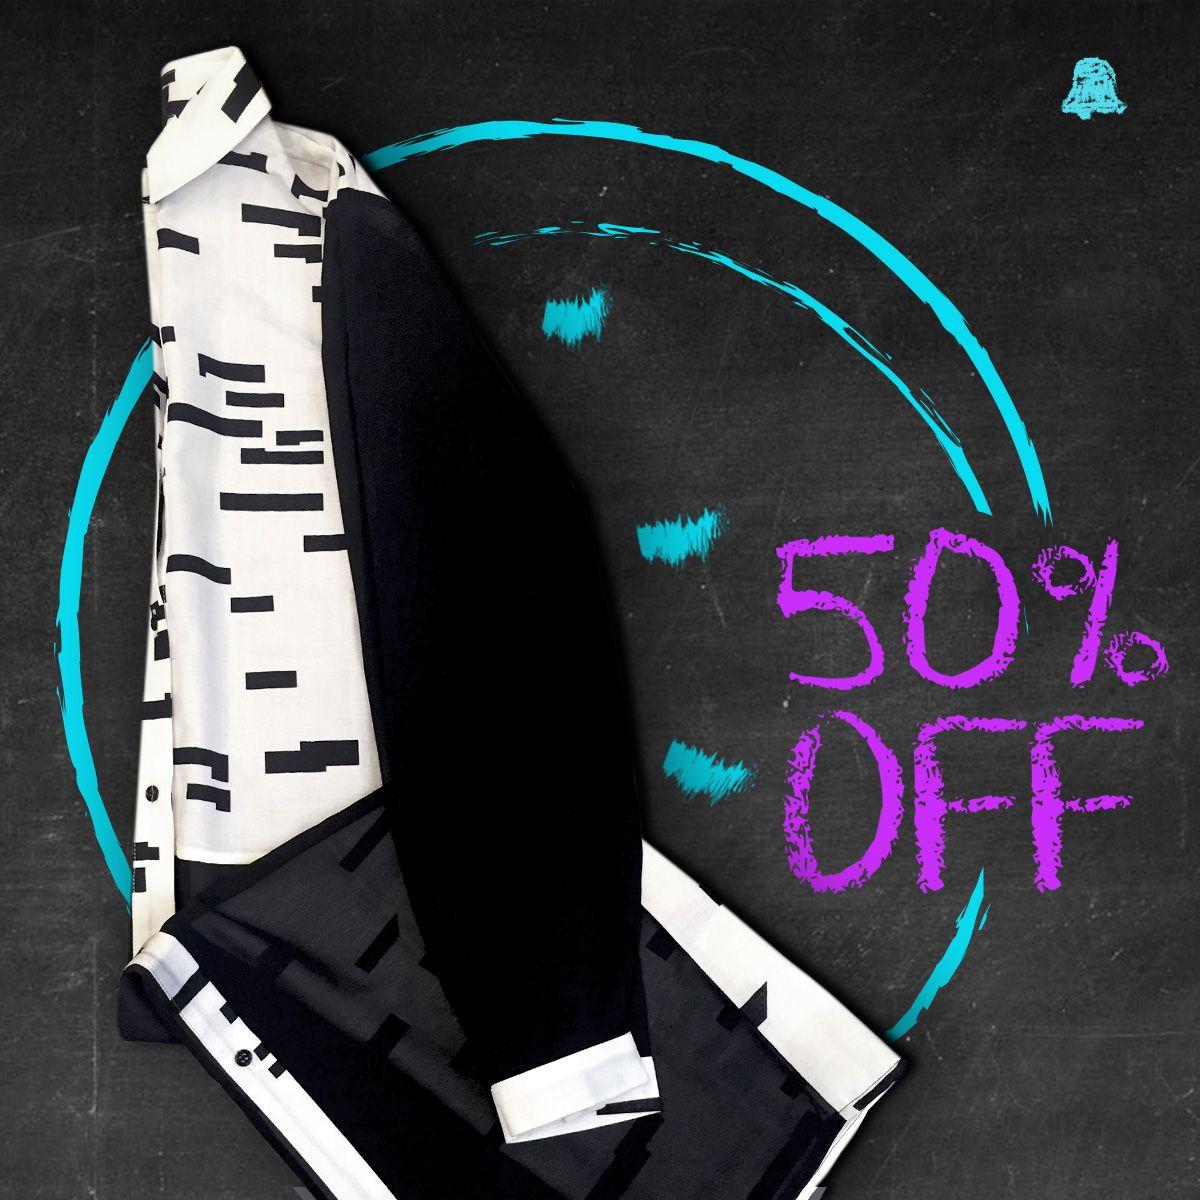 #SALE Countdown #Verano16  Nuestra Camisa Long con 50% OFF, es ideal para media estación: ¡Usala con shorts, jeans y leggings!   - Camisa Long // SHBELL55  Te esperamos en nuestro local de Montevideo Shopping